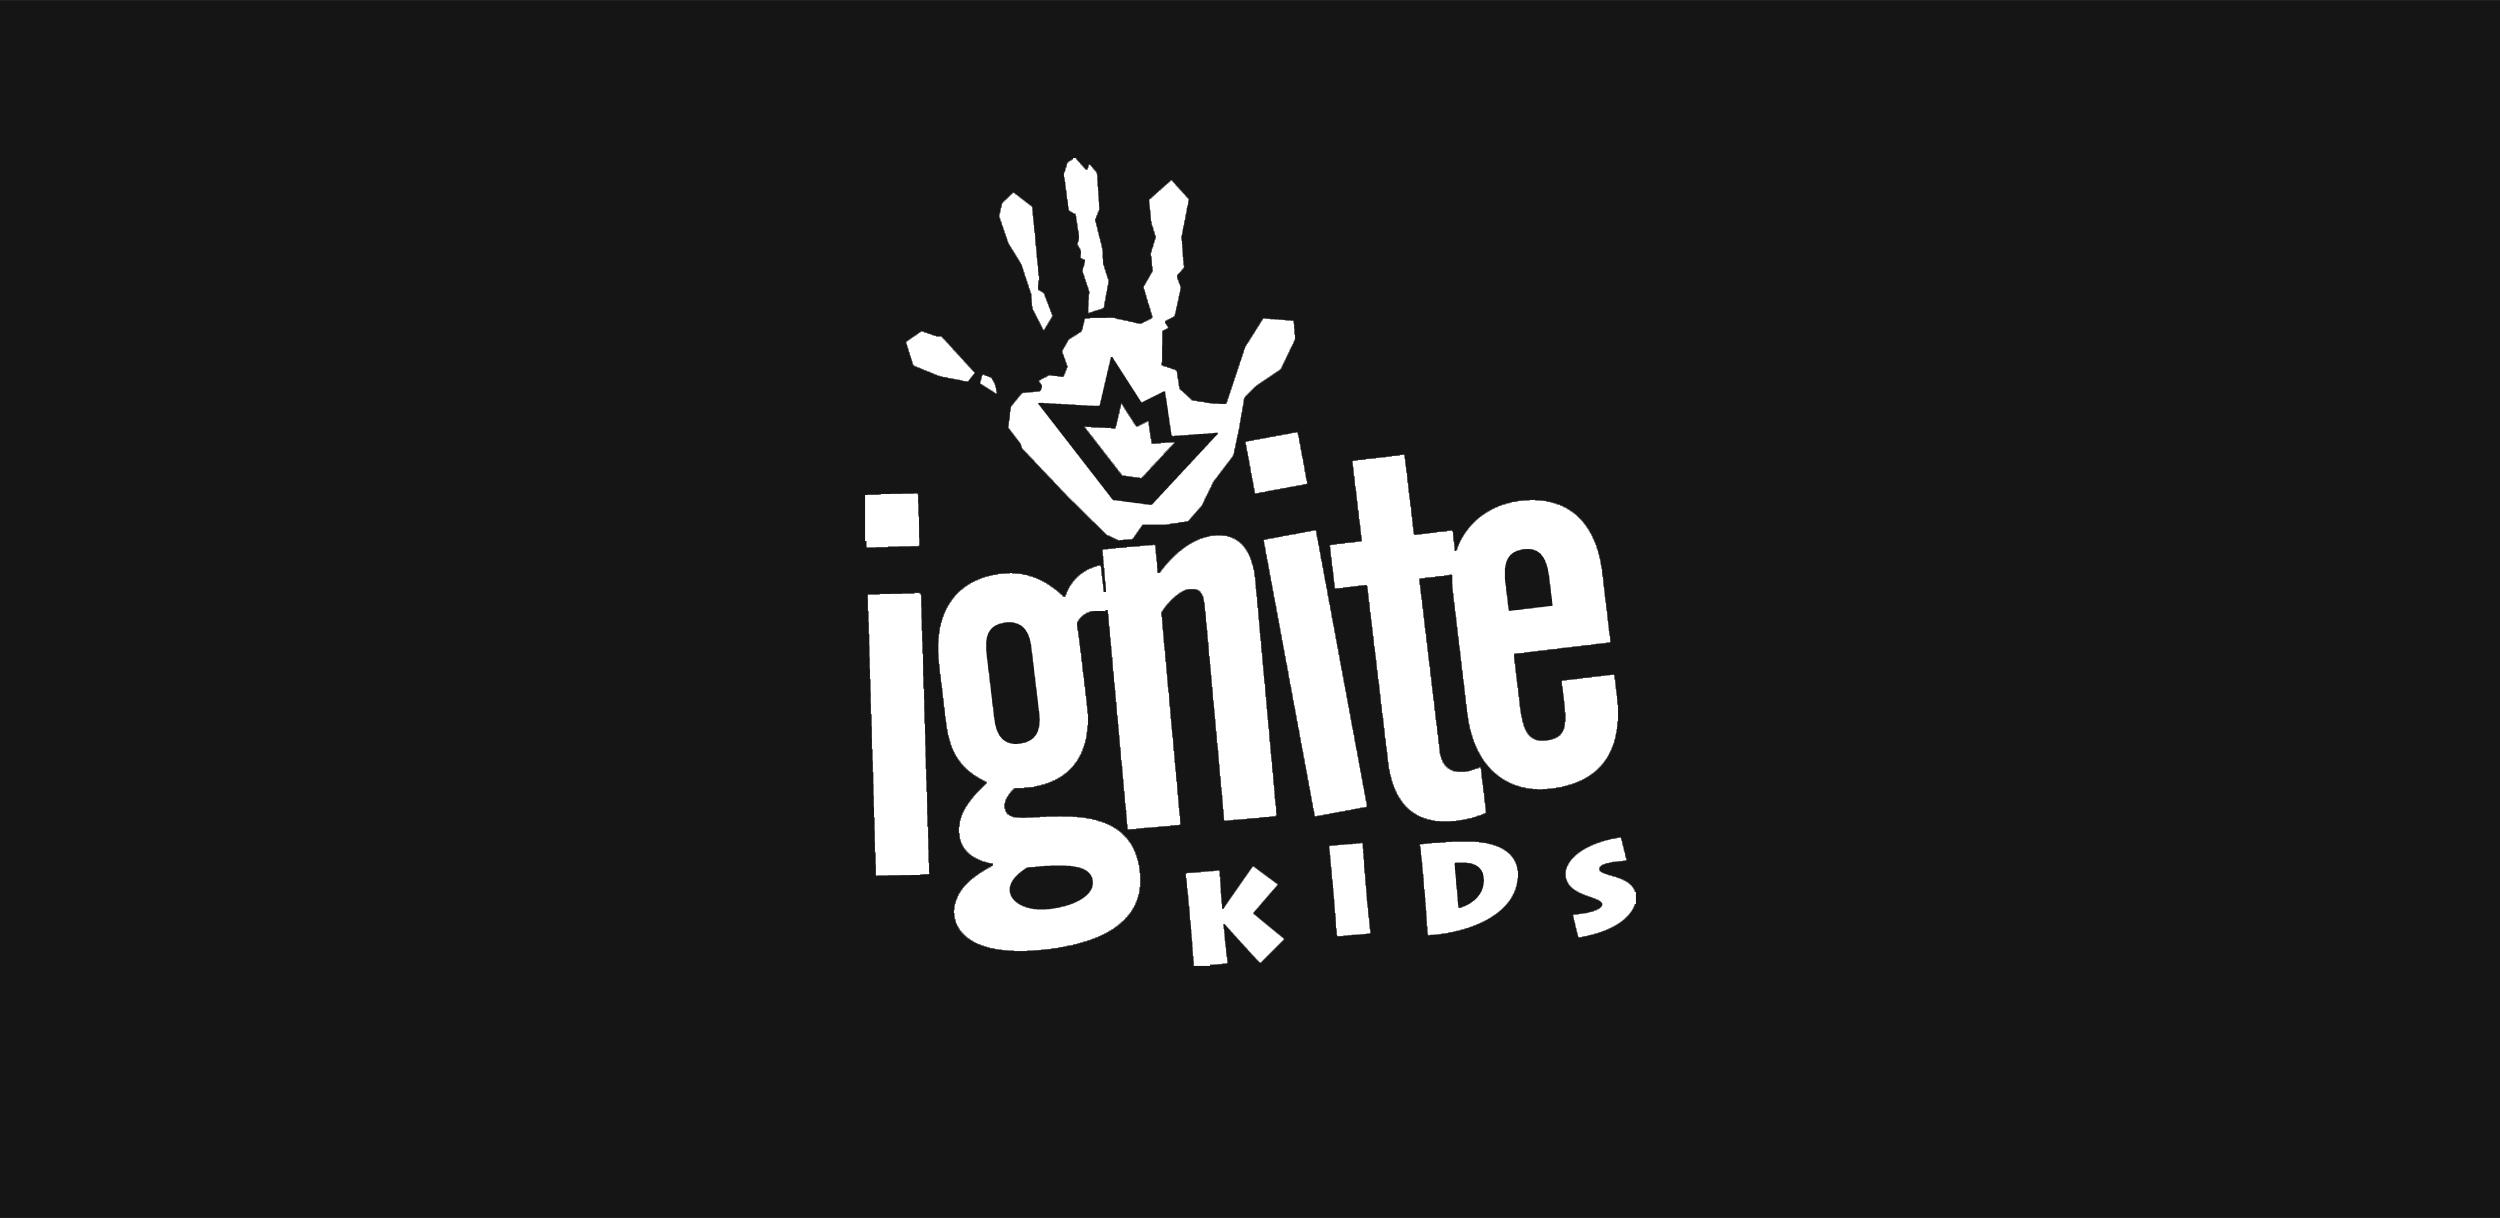 CityLight - Web Ignite Kids.jpg